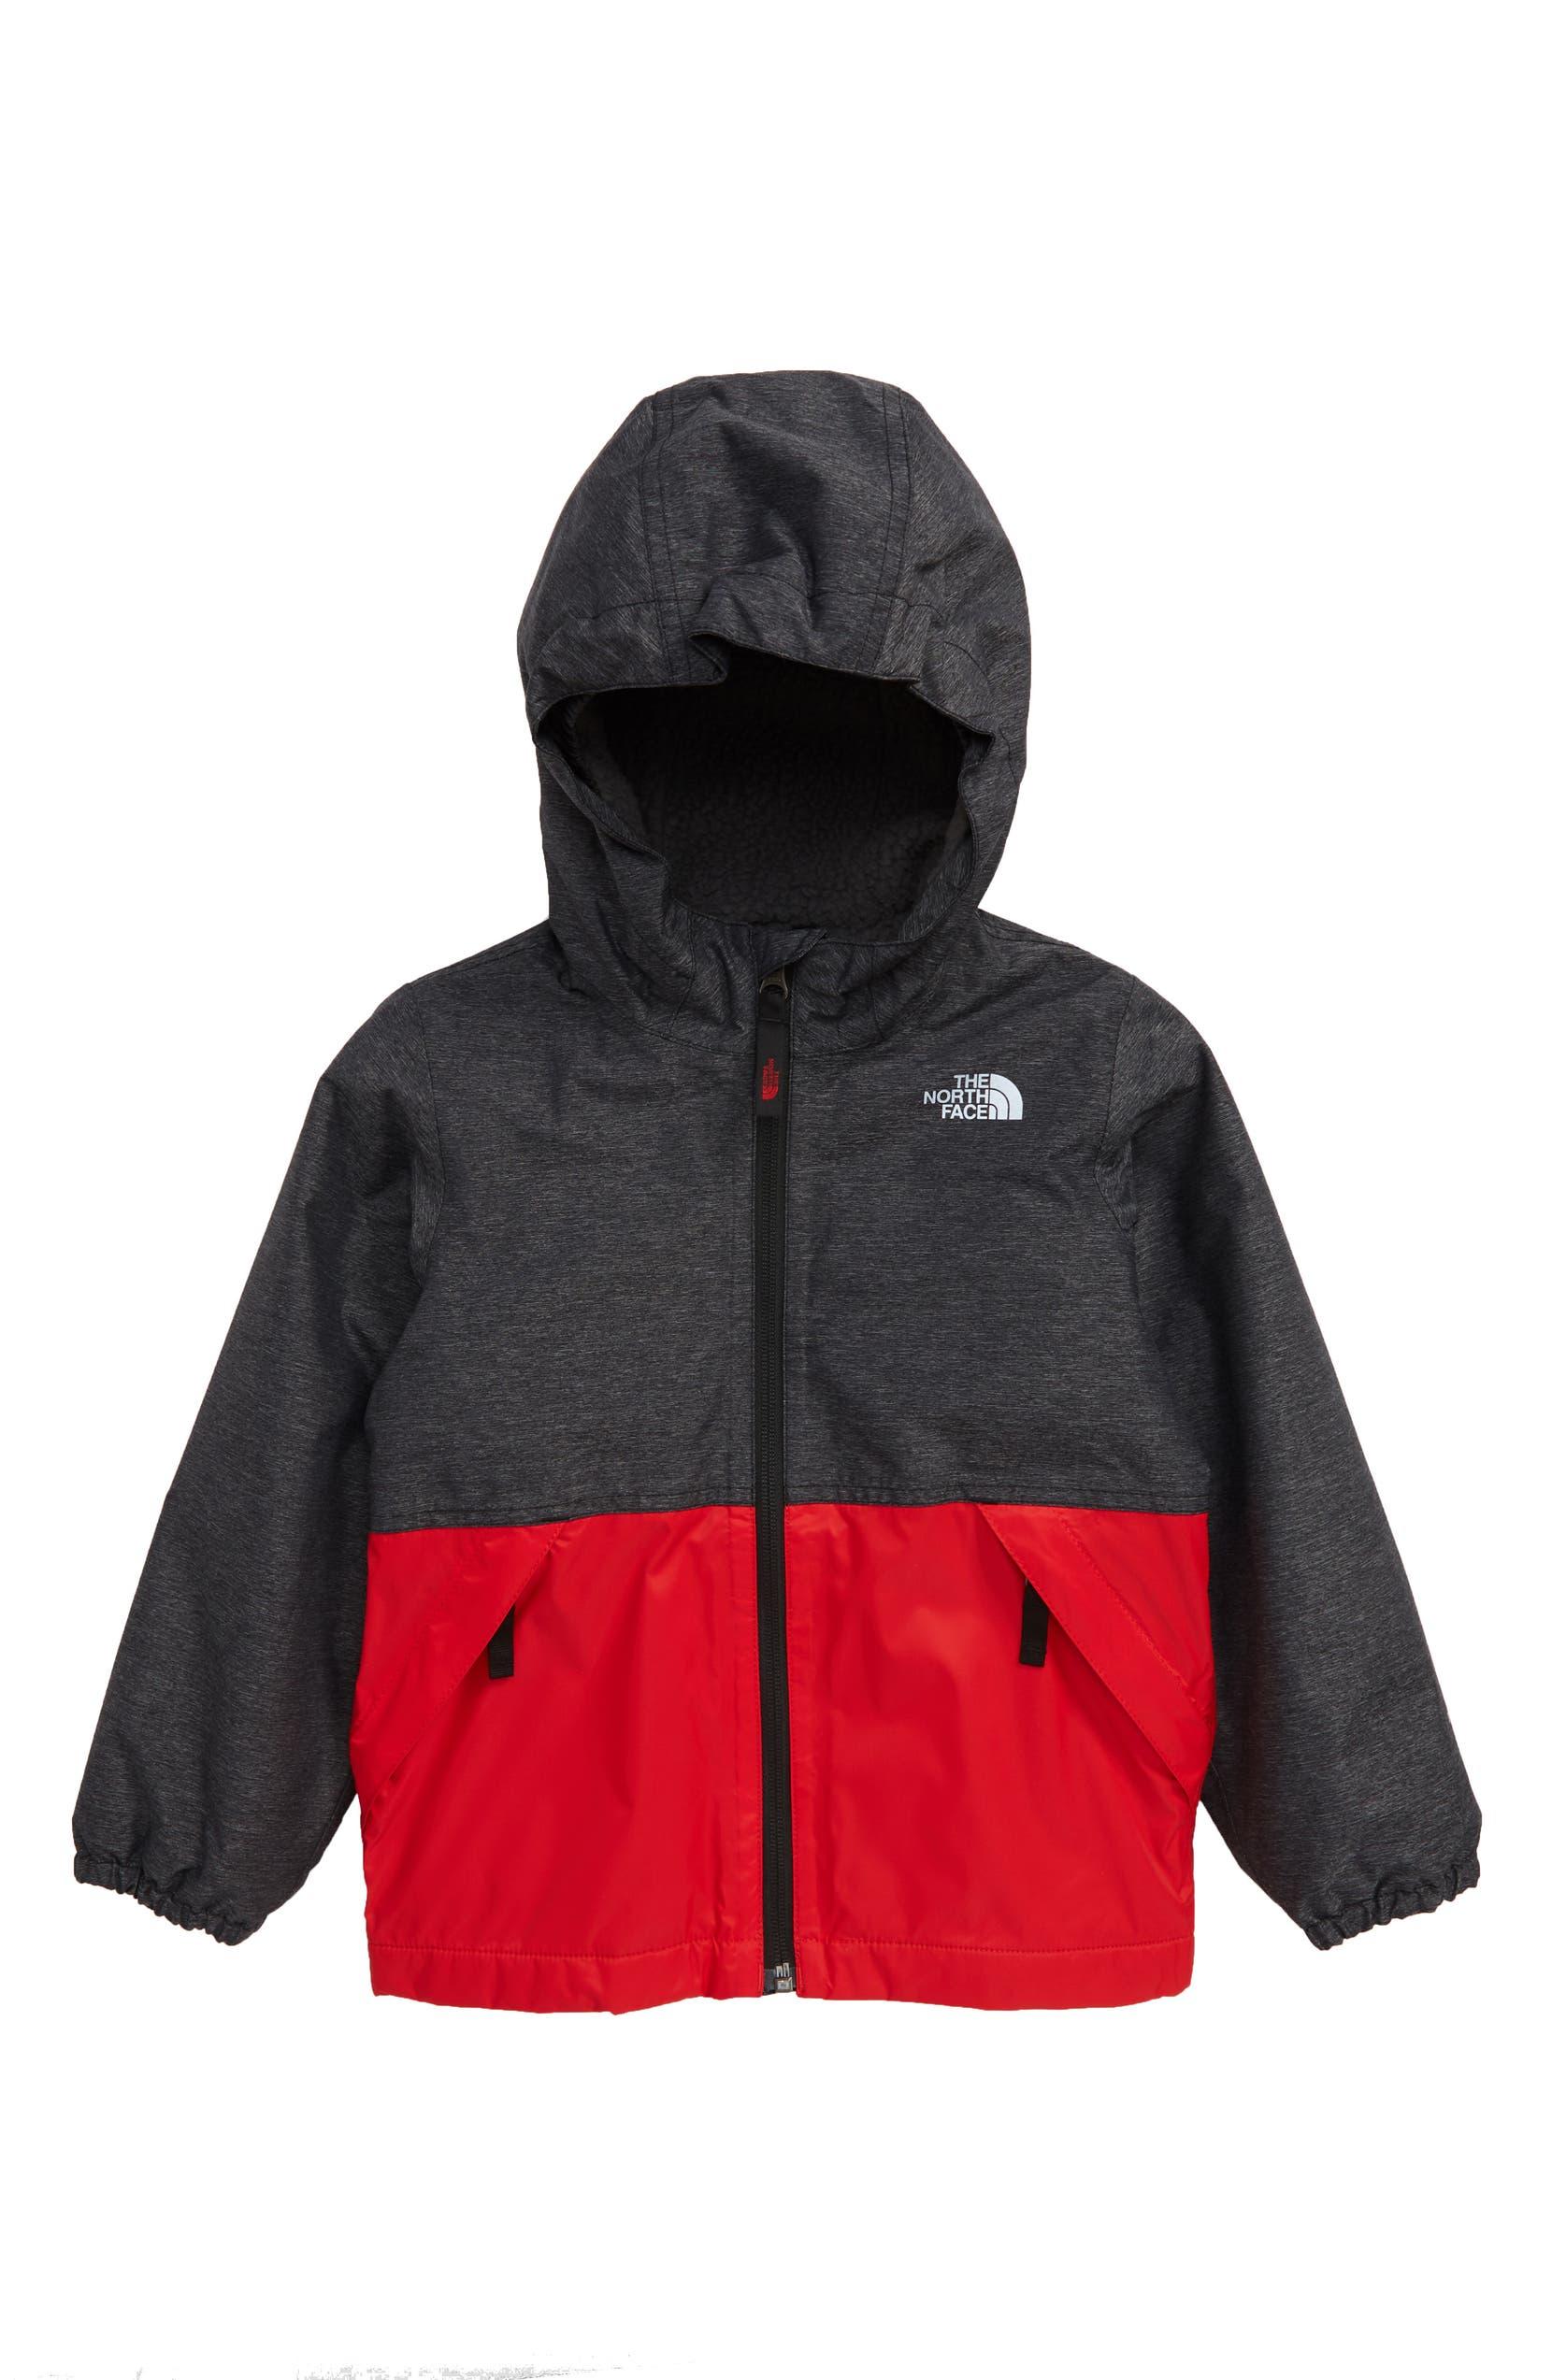 12a5e76f6 Warm Storm Hooded Waterproof Jacket